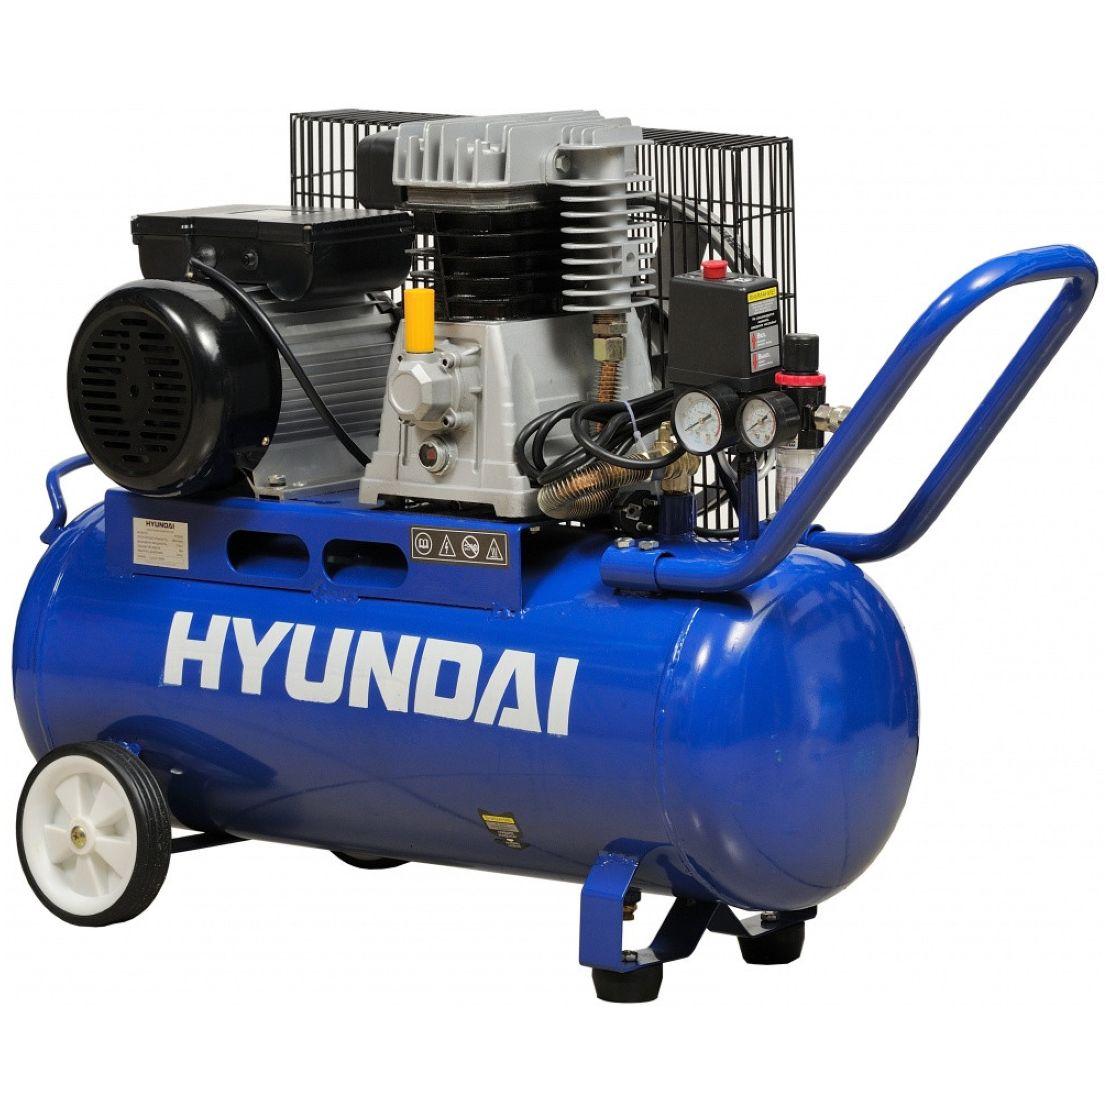 компрессор hyundai hy 2050 инструкция